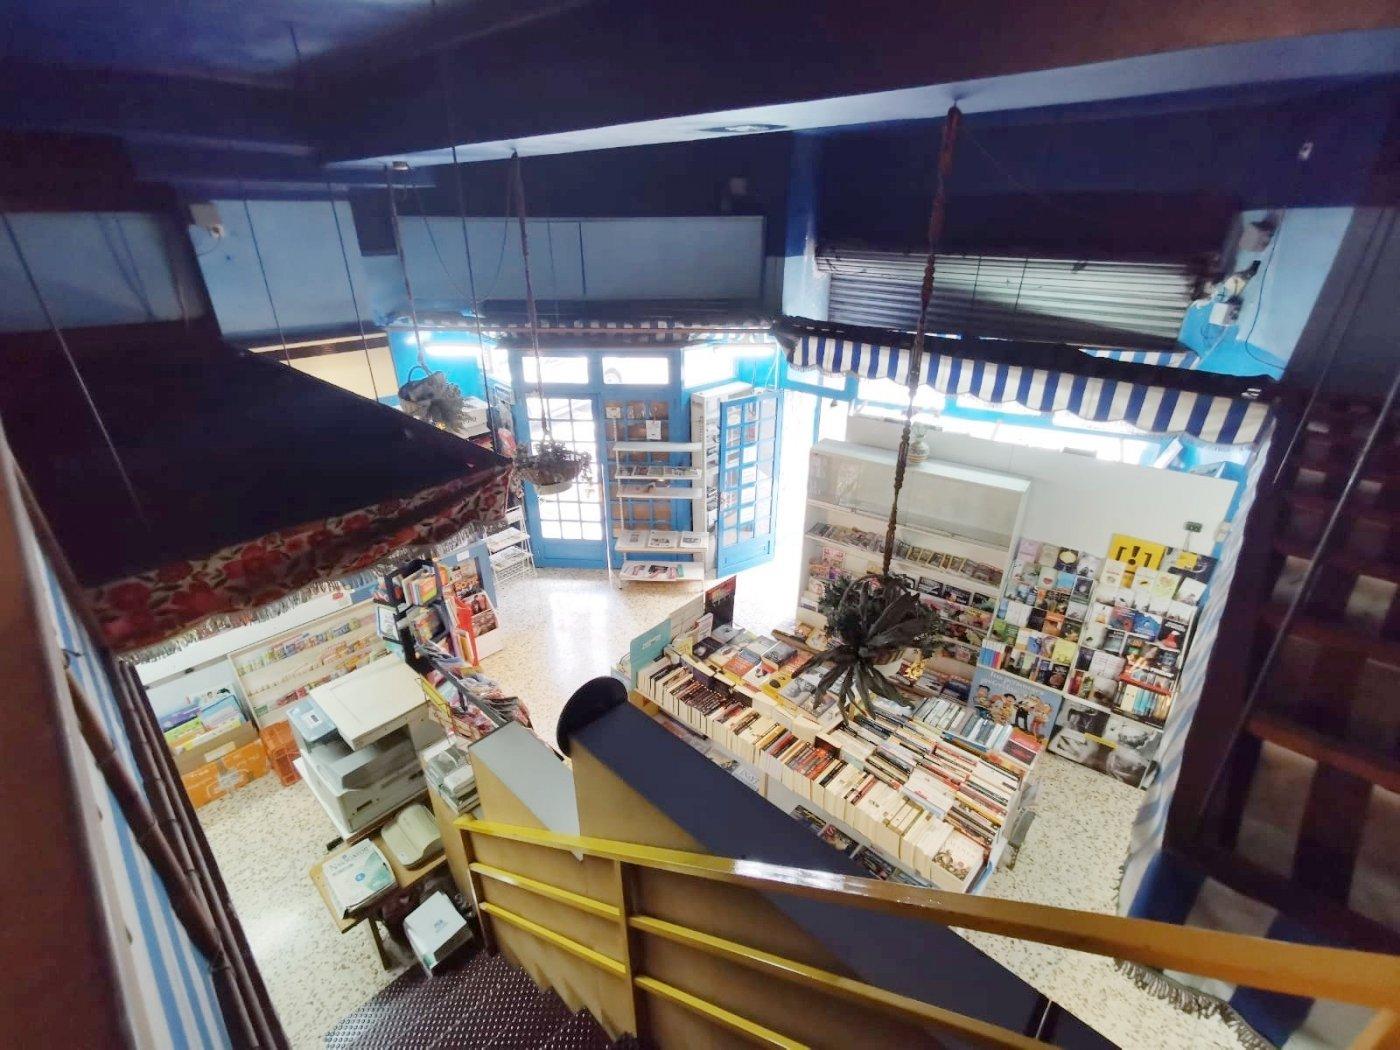 Se vente local comercial en bons aires(cerca de la calle blanquerna y generar riera ) - imagenInmueble6